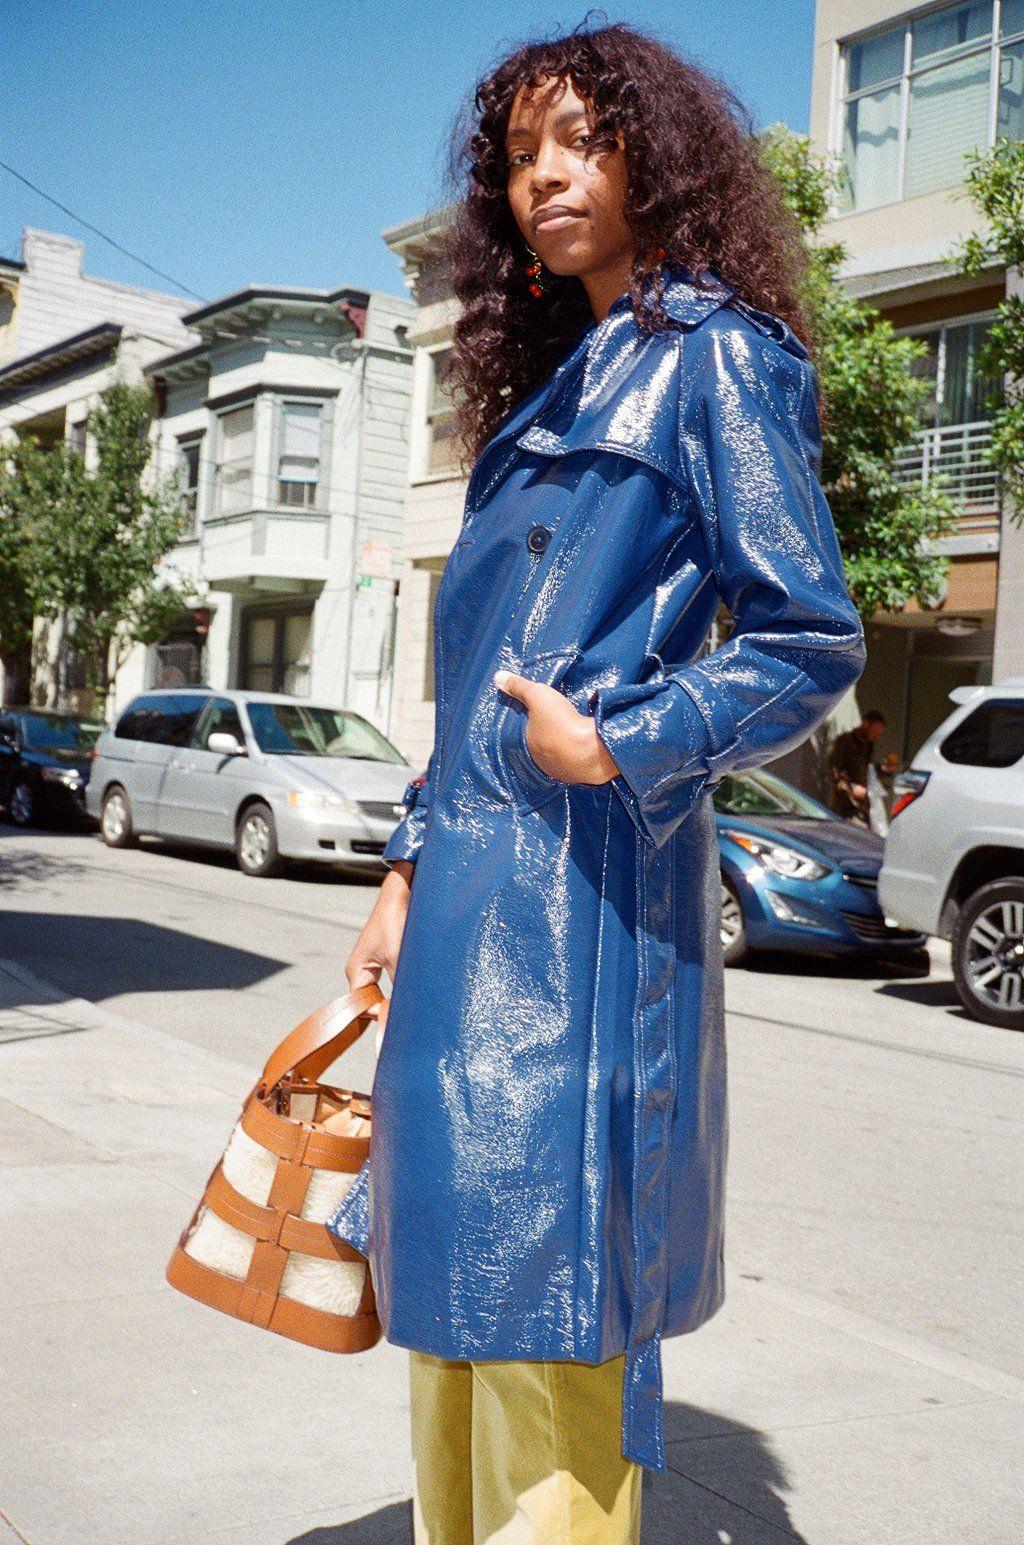 Jane Trench Coat Navy Vinyl Vinyl Jacket Navyblue Fashion Trench Coat Style